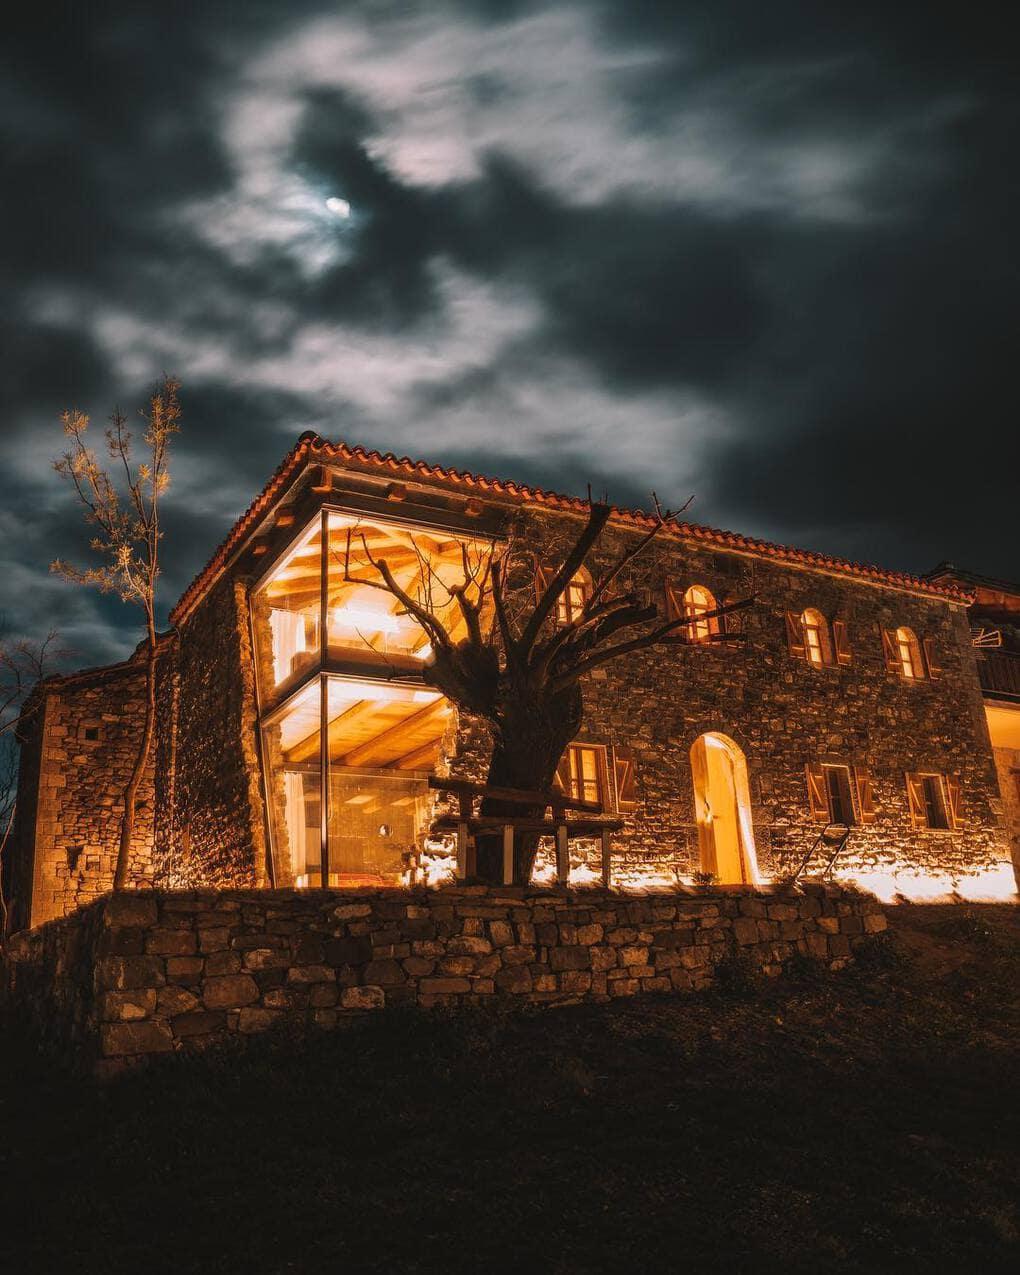 mrizi i zanave 53034714 345447249430993 7772647558116587159 n - В Албании есть невероятный дом с углом из стекла: что он из себя представляет и как выглядит внутри